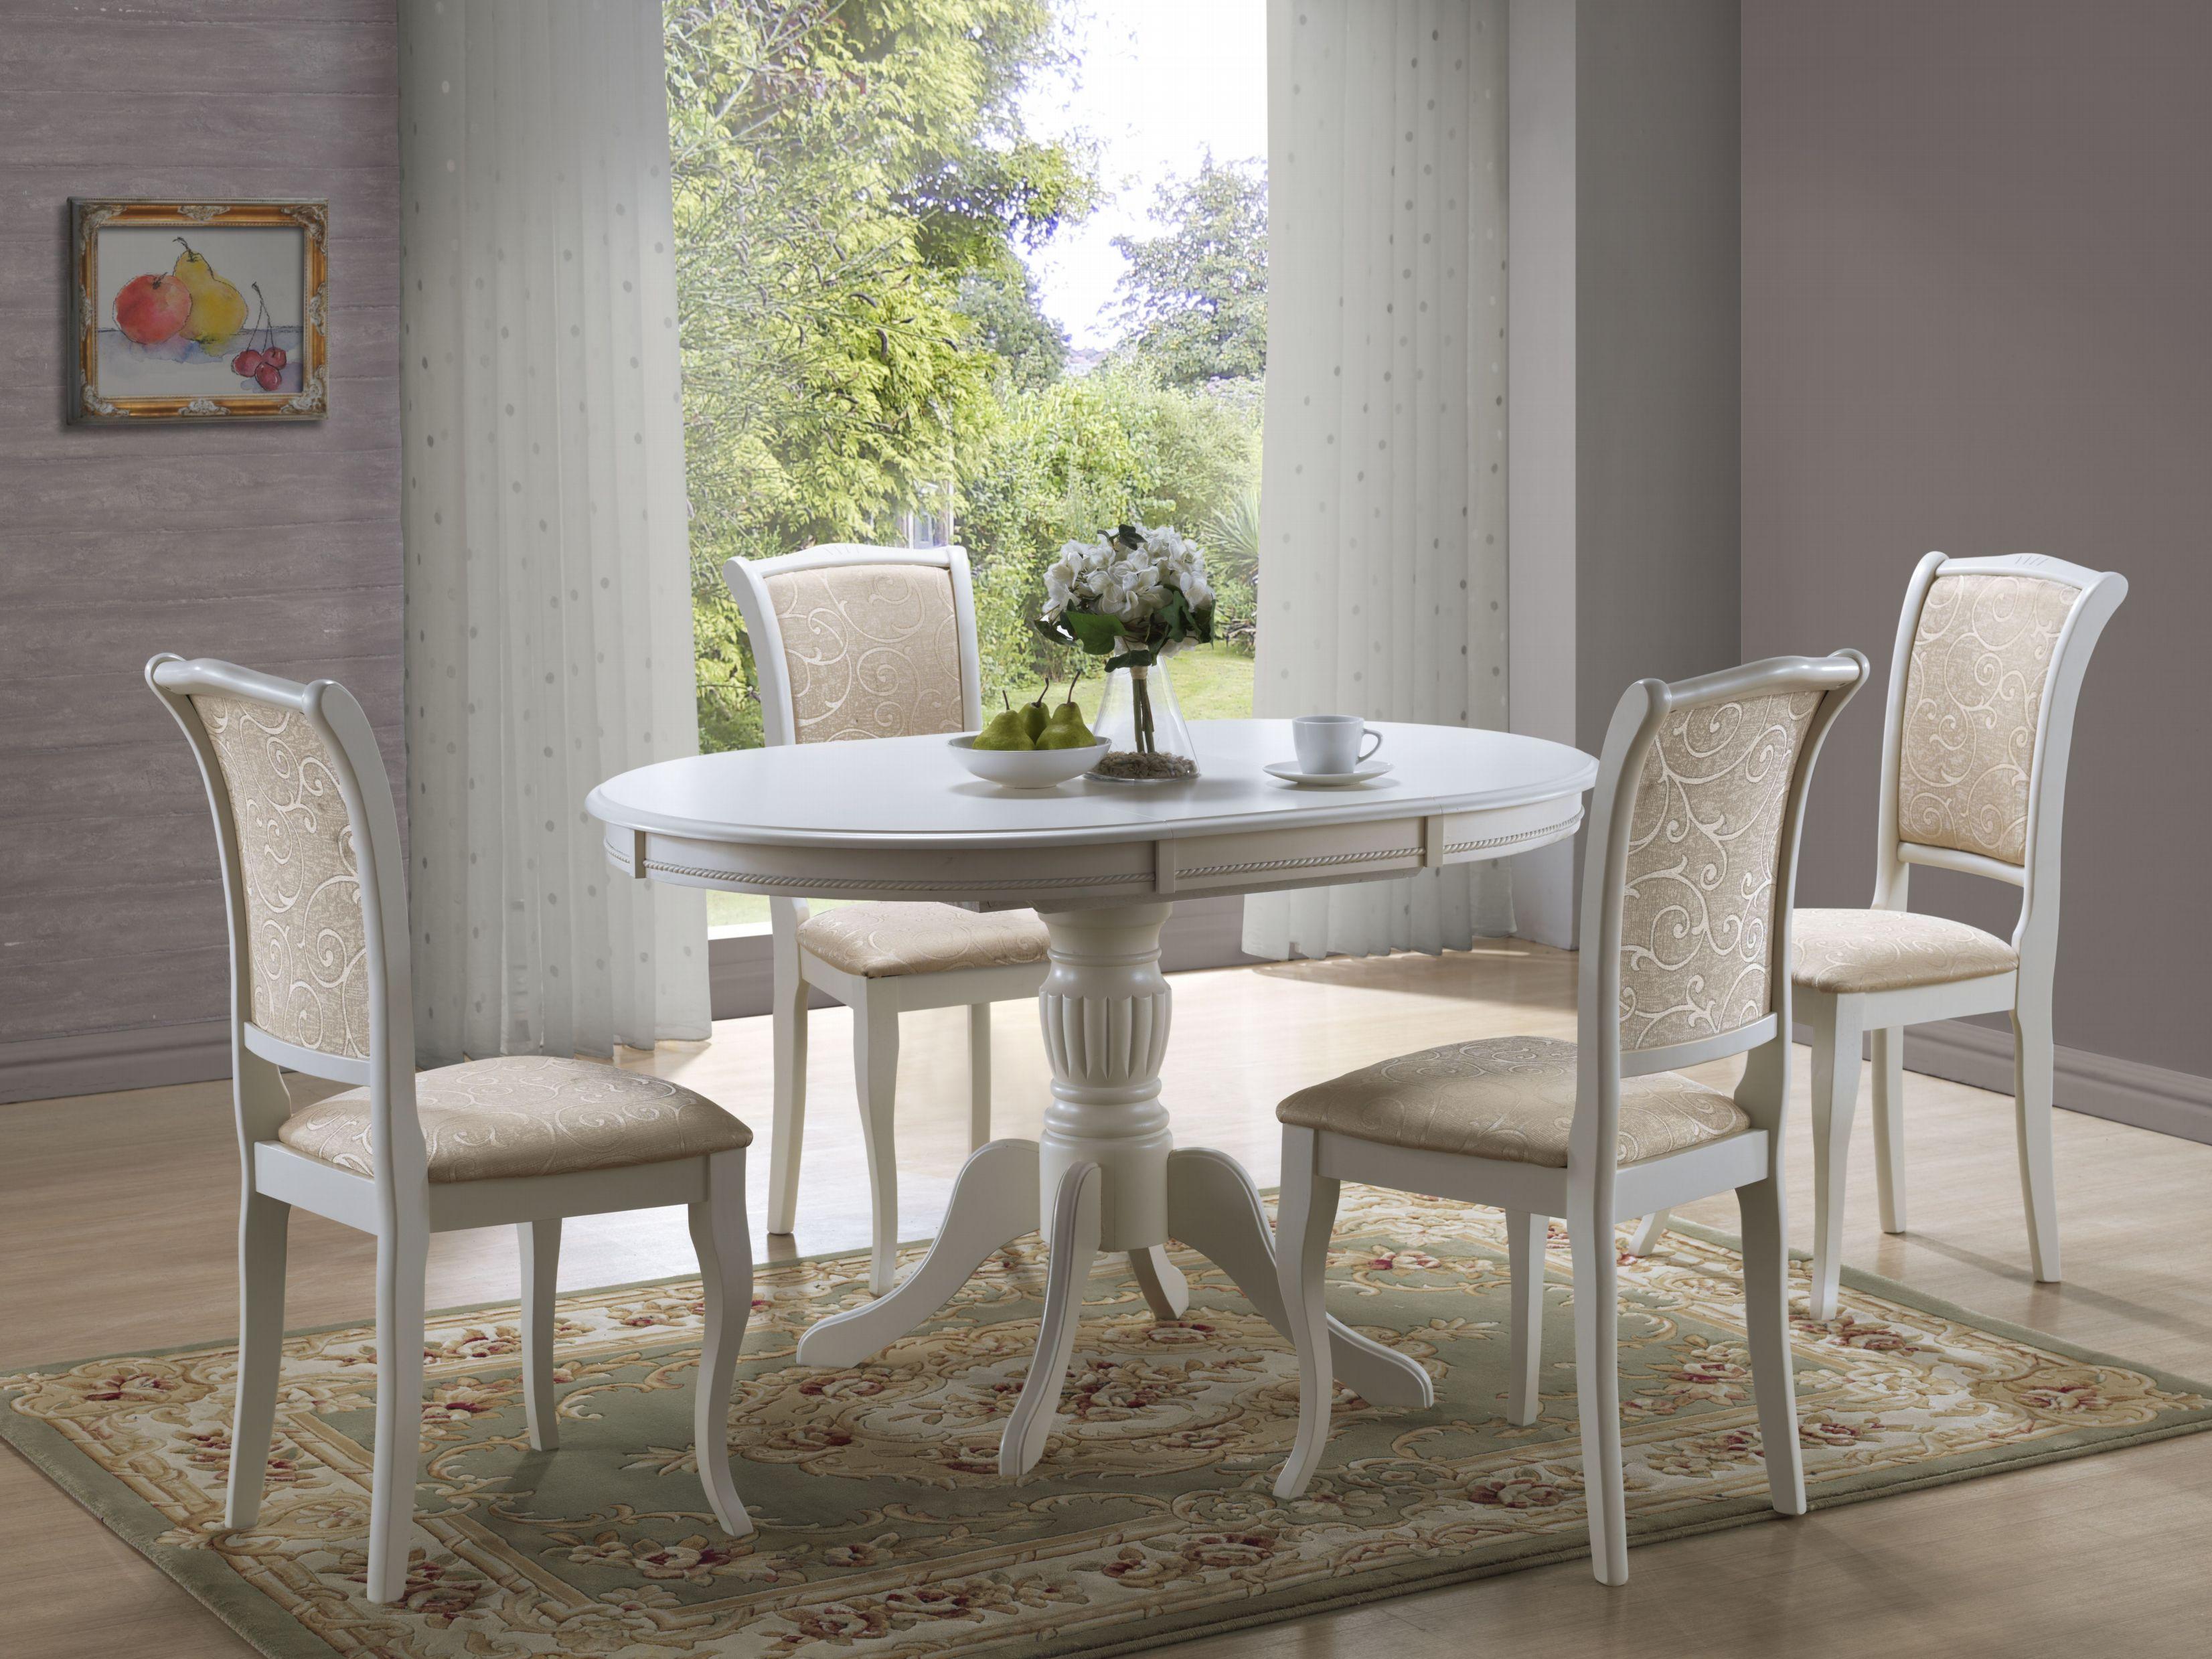 Обеденный стол olivia bianco signal - купить в рассрочку, бо.